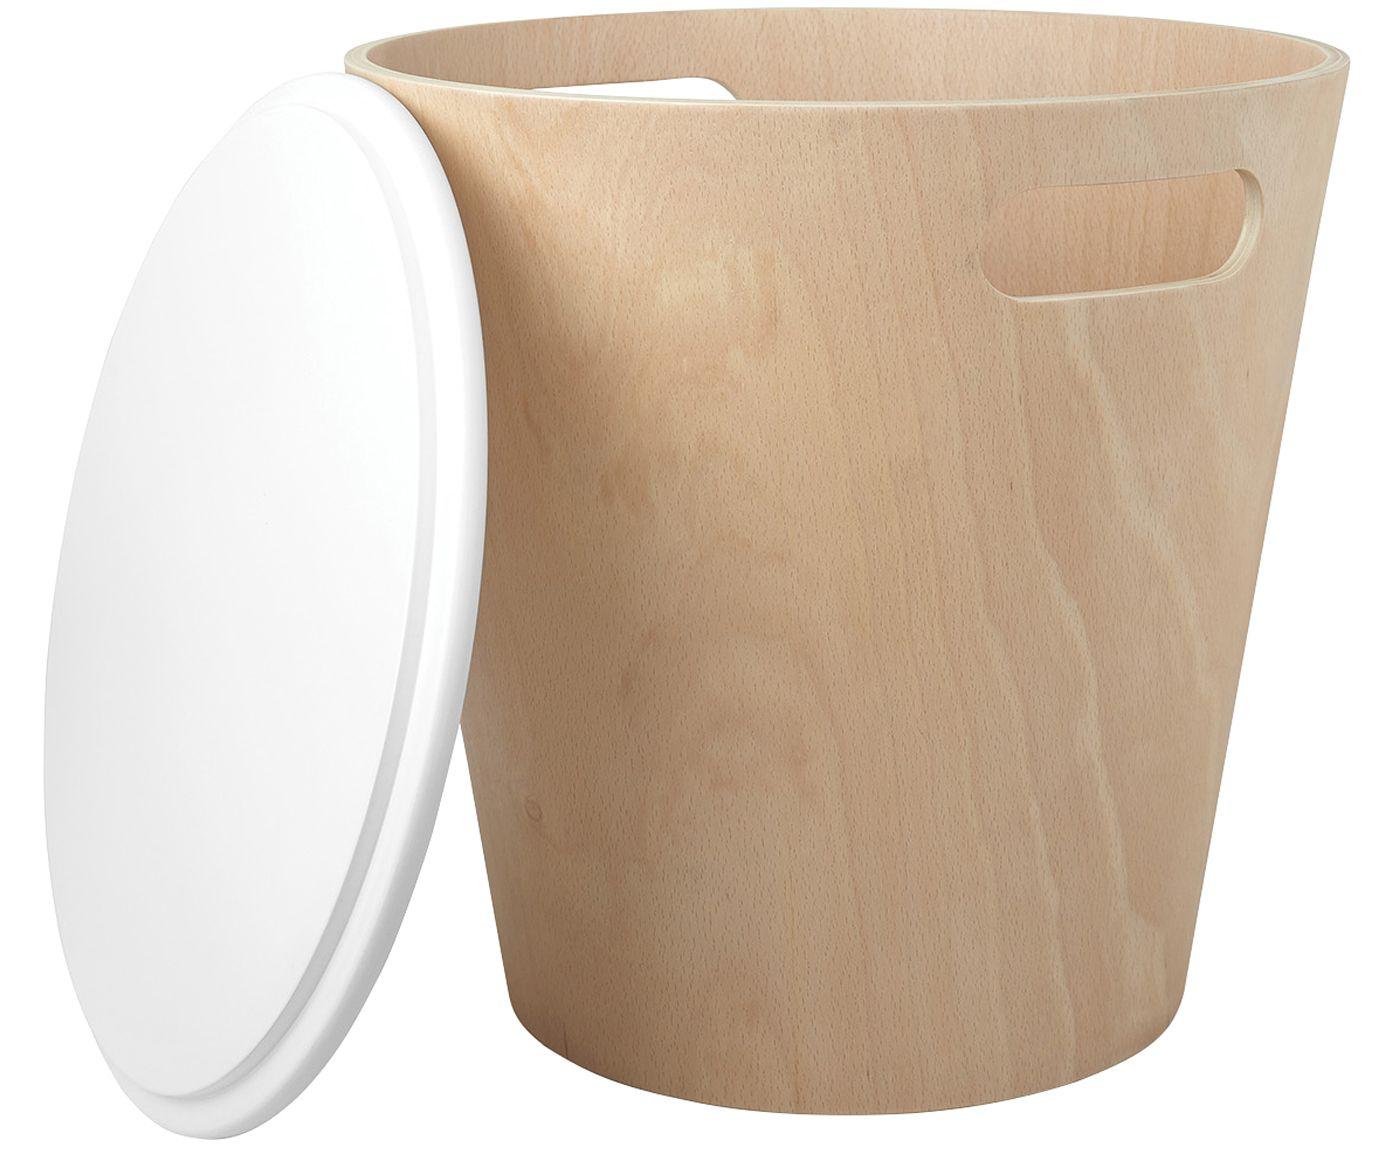 Mit Hocker Woodrow In Beige Von Umbra Schaffen Sie Ordnung Mit Stil Lassen Sie Sich Von Weiteren Praktischen Produkten Auf Hocker Sitzhocker Beistelltisch